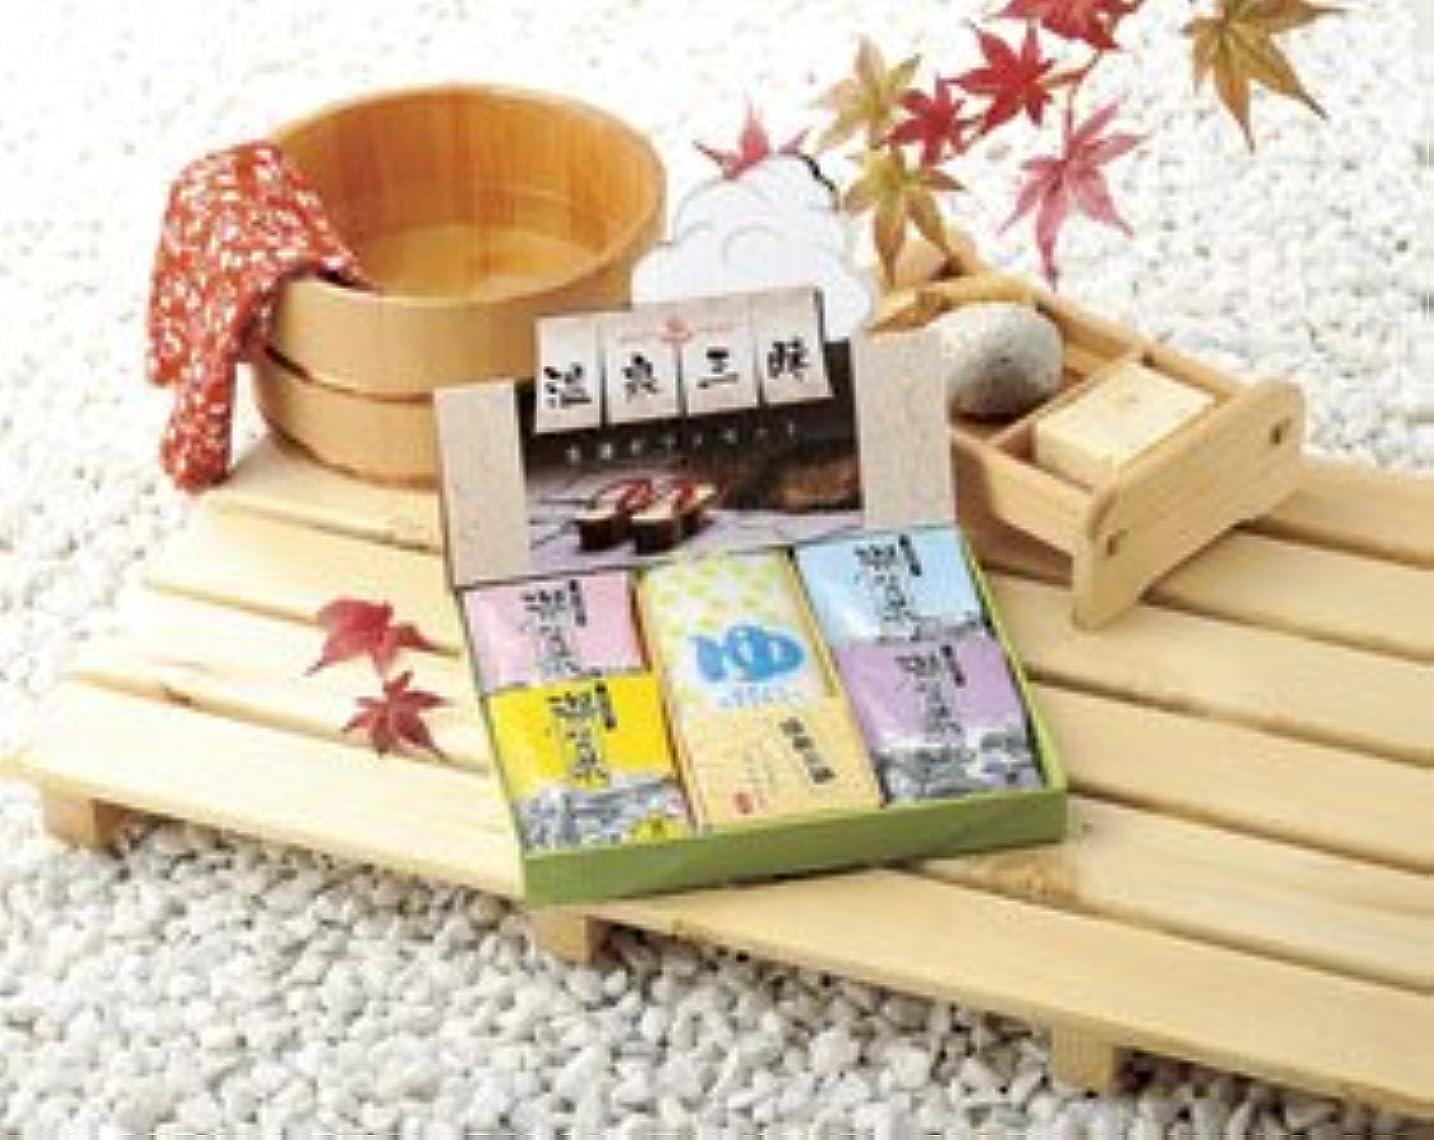 クラックサイレン急流温泉三昧 名湯ギフトセット 1ケース60個入り(1個単価¥415)